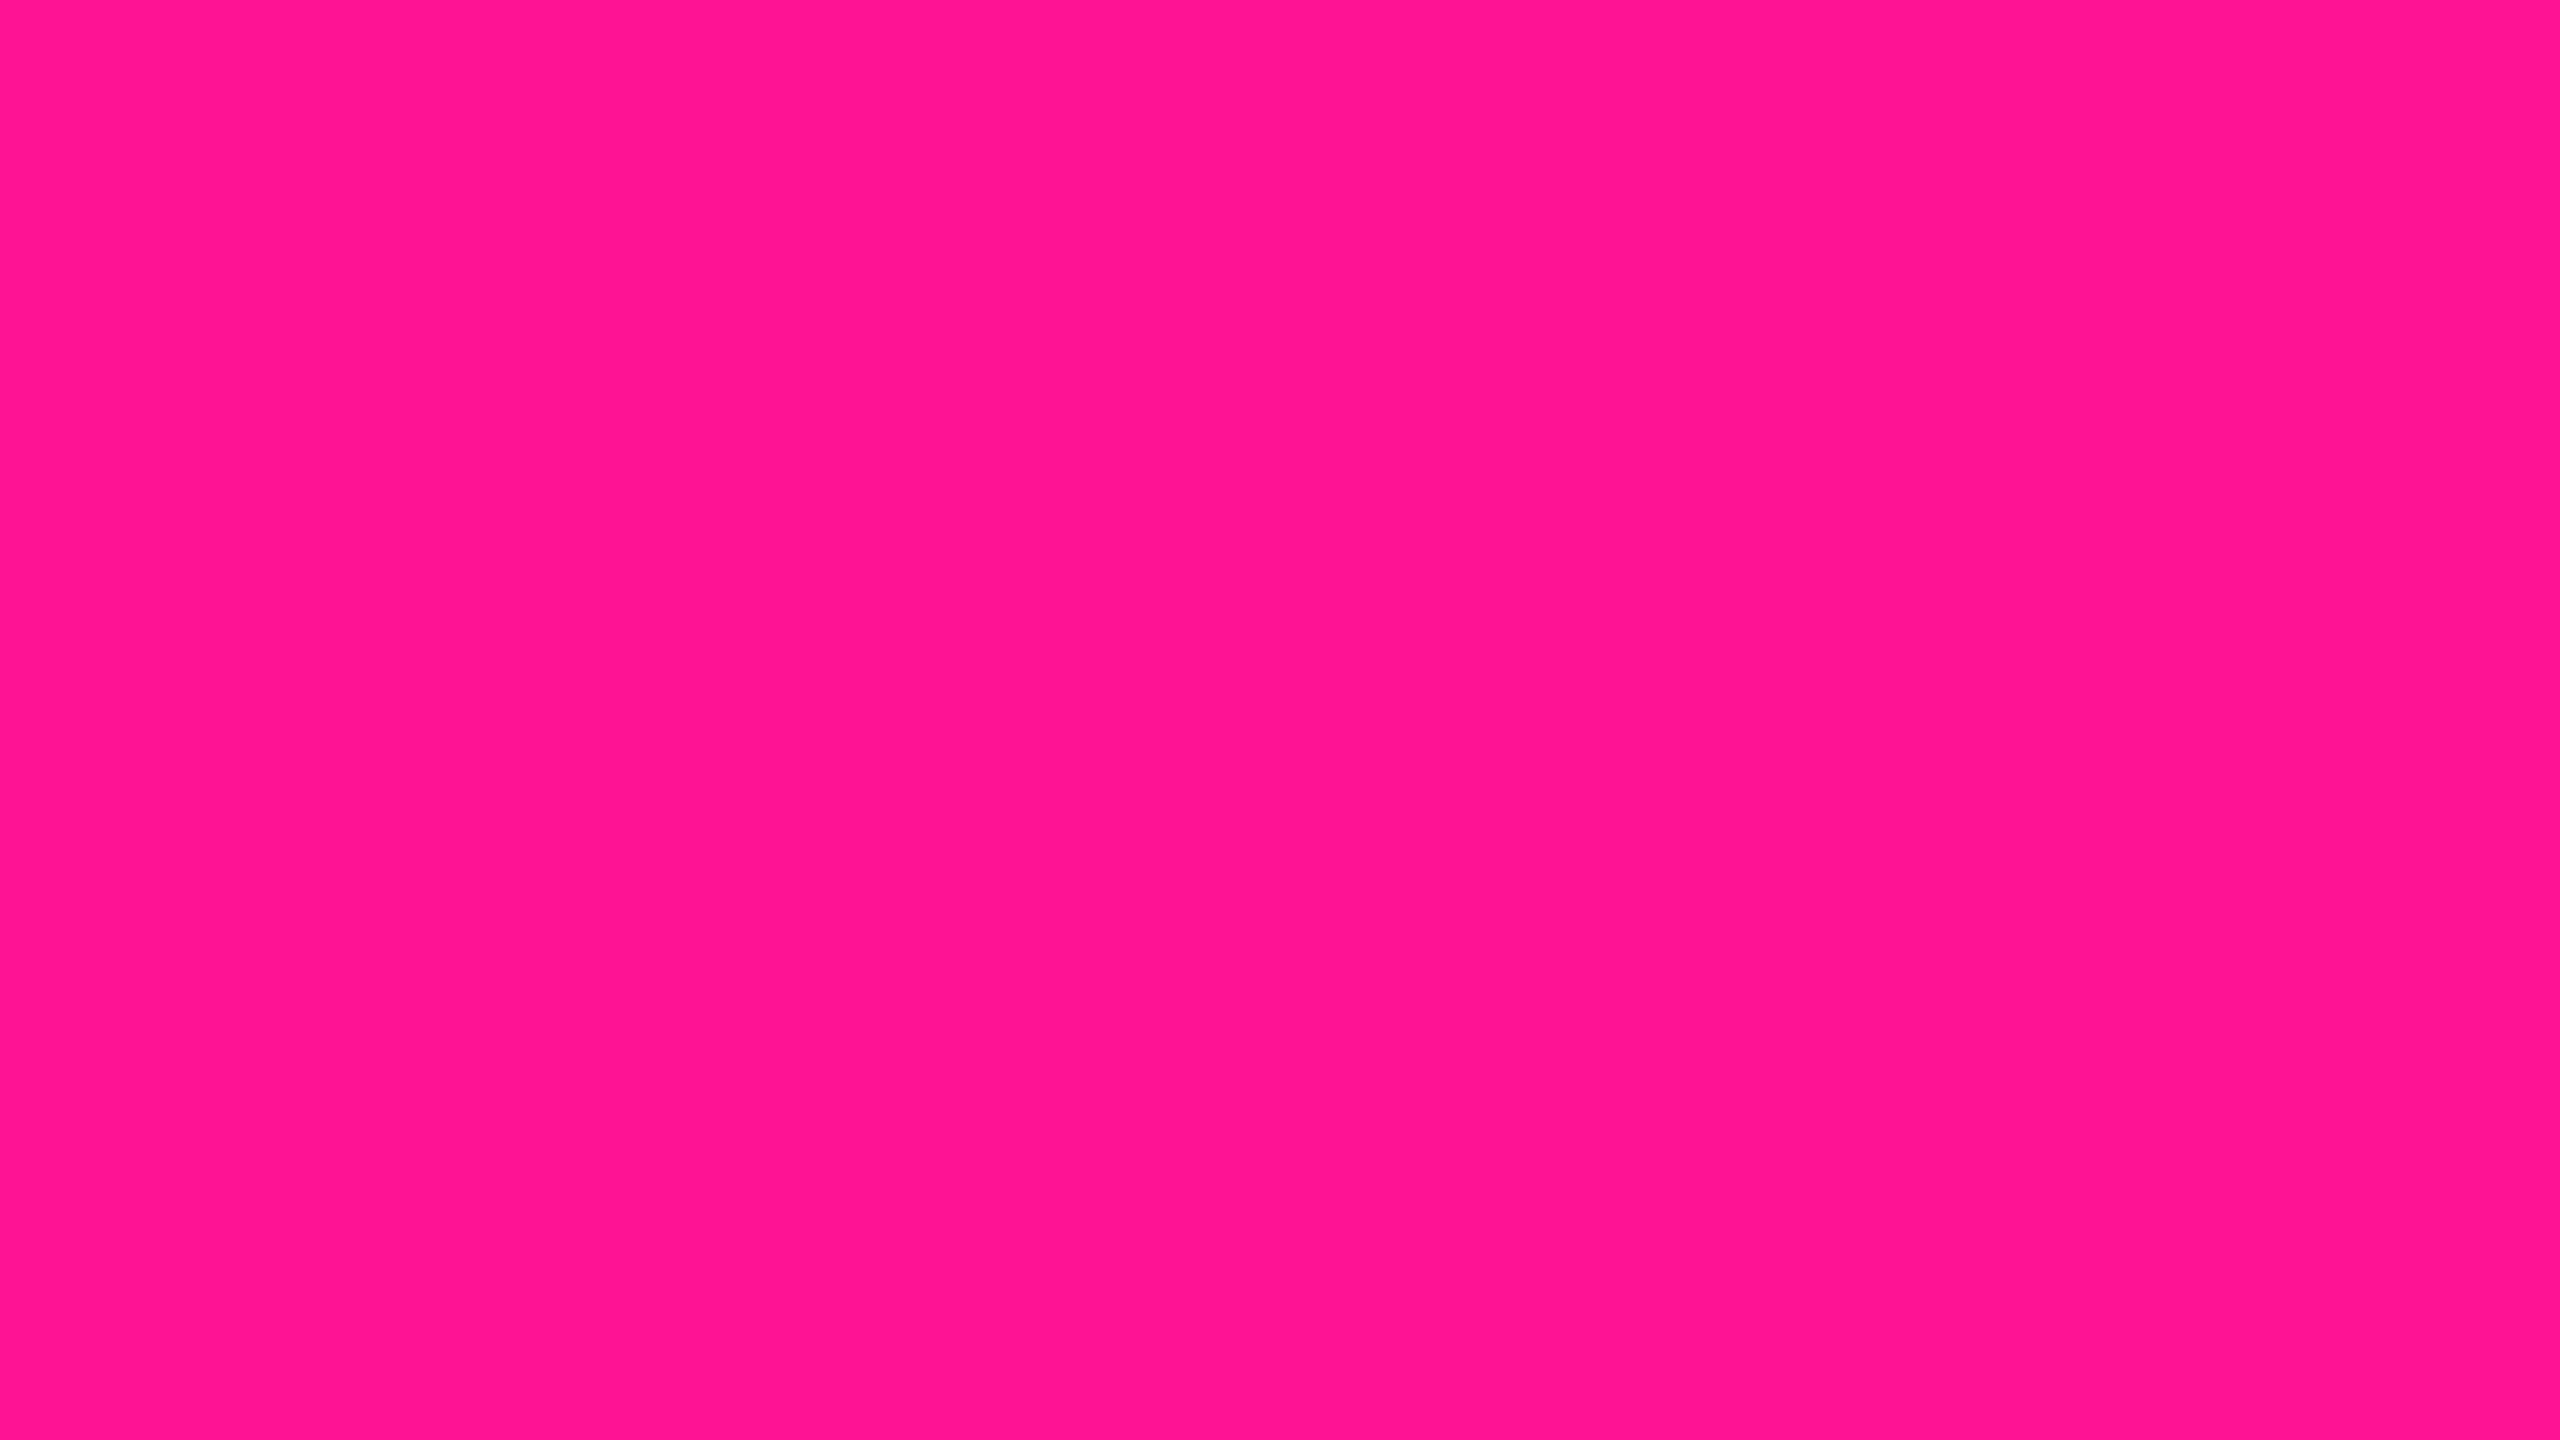 Color Pink Wallpaper - WallpaperSafari